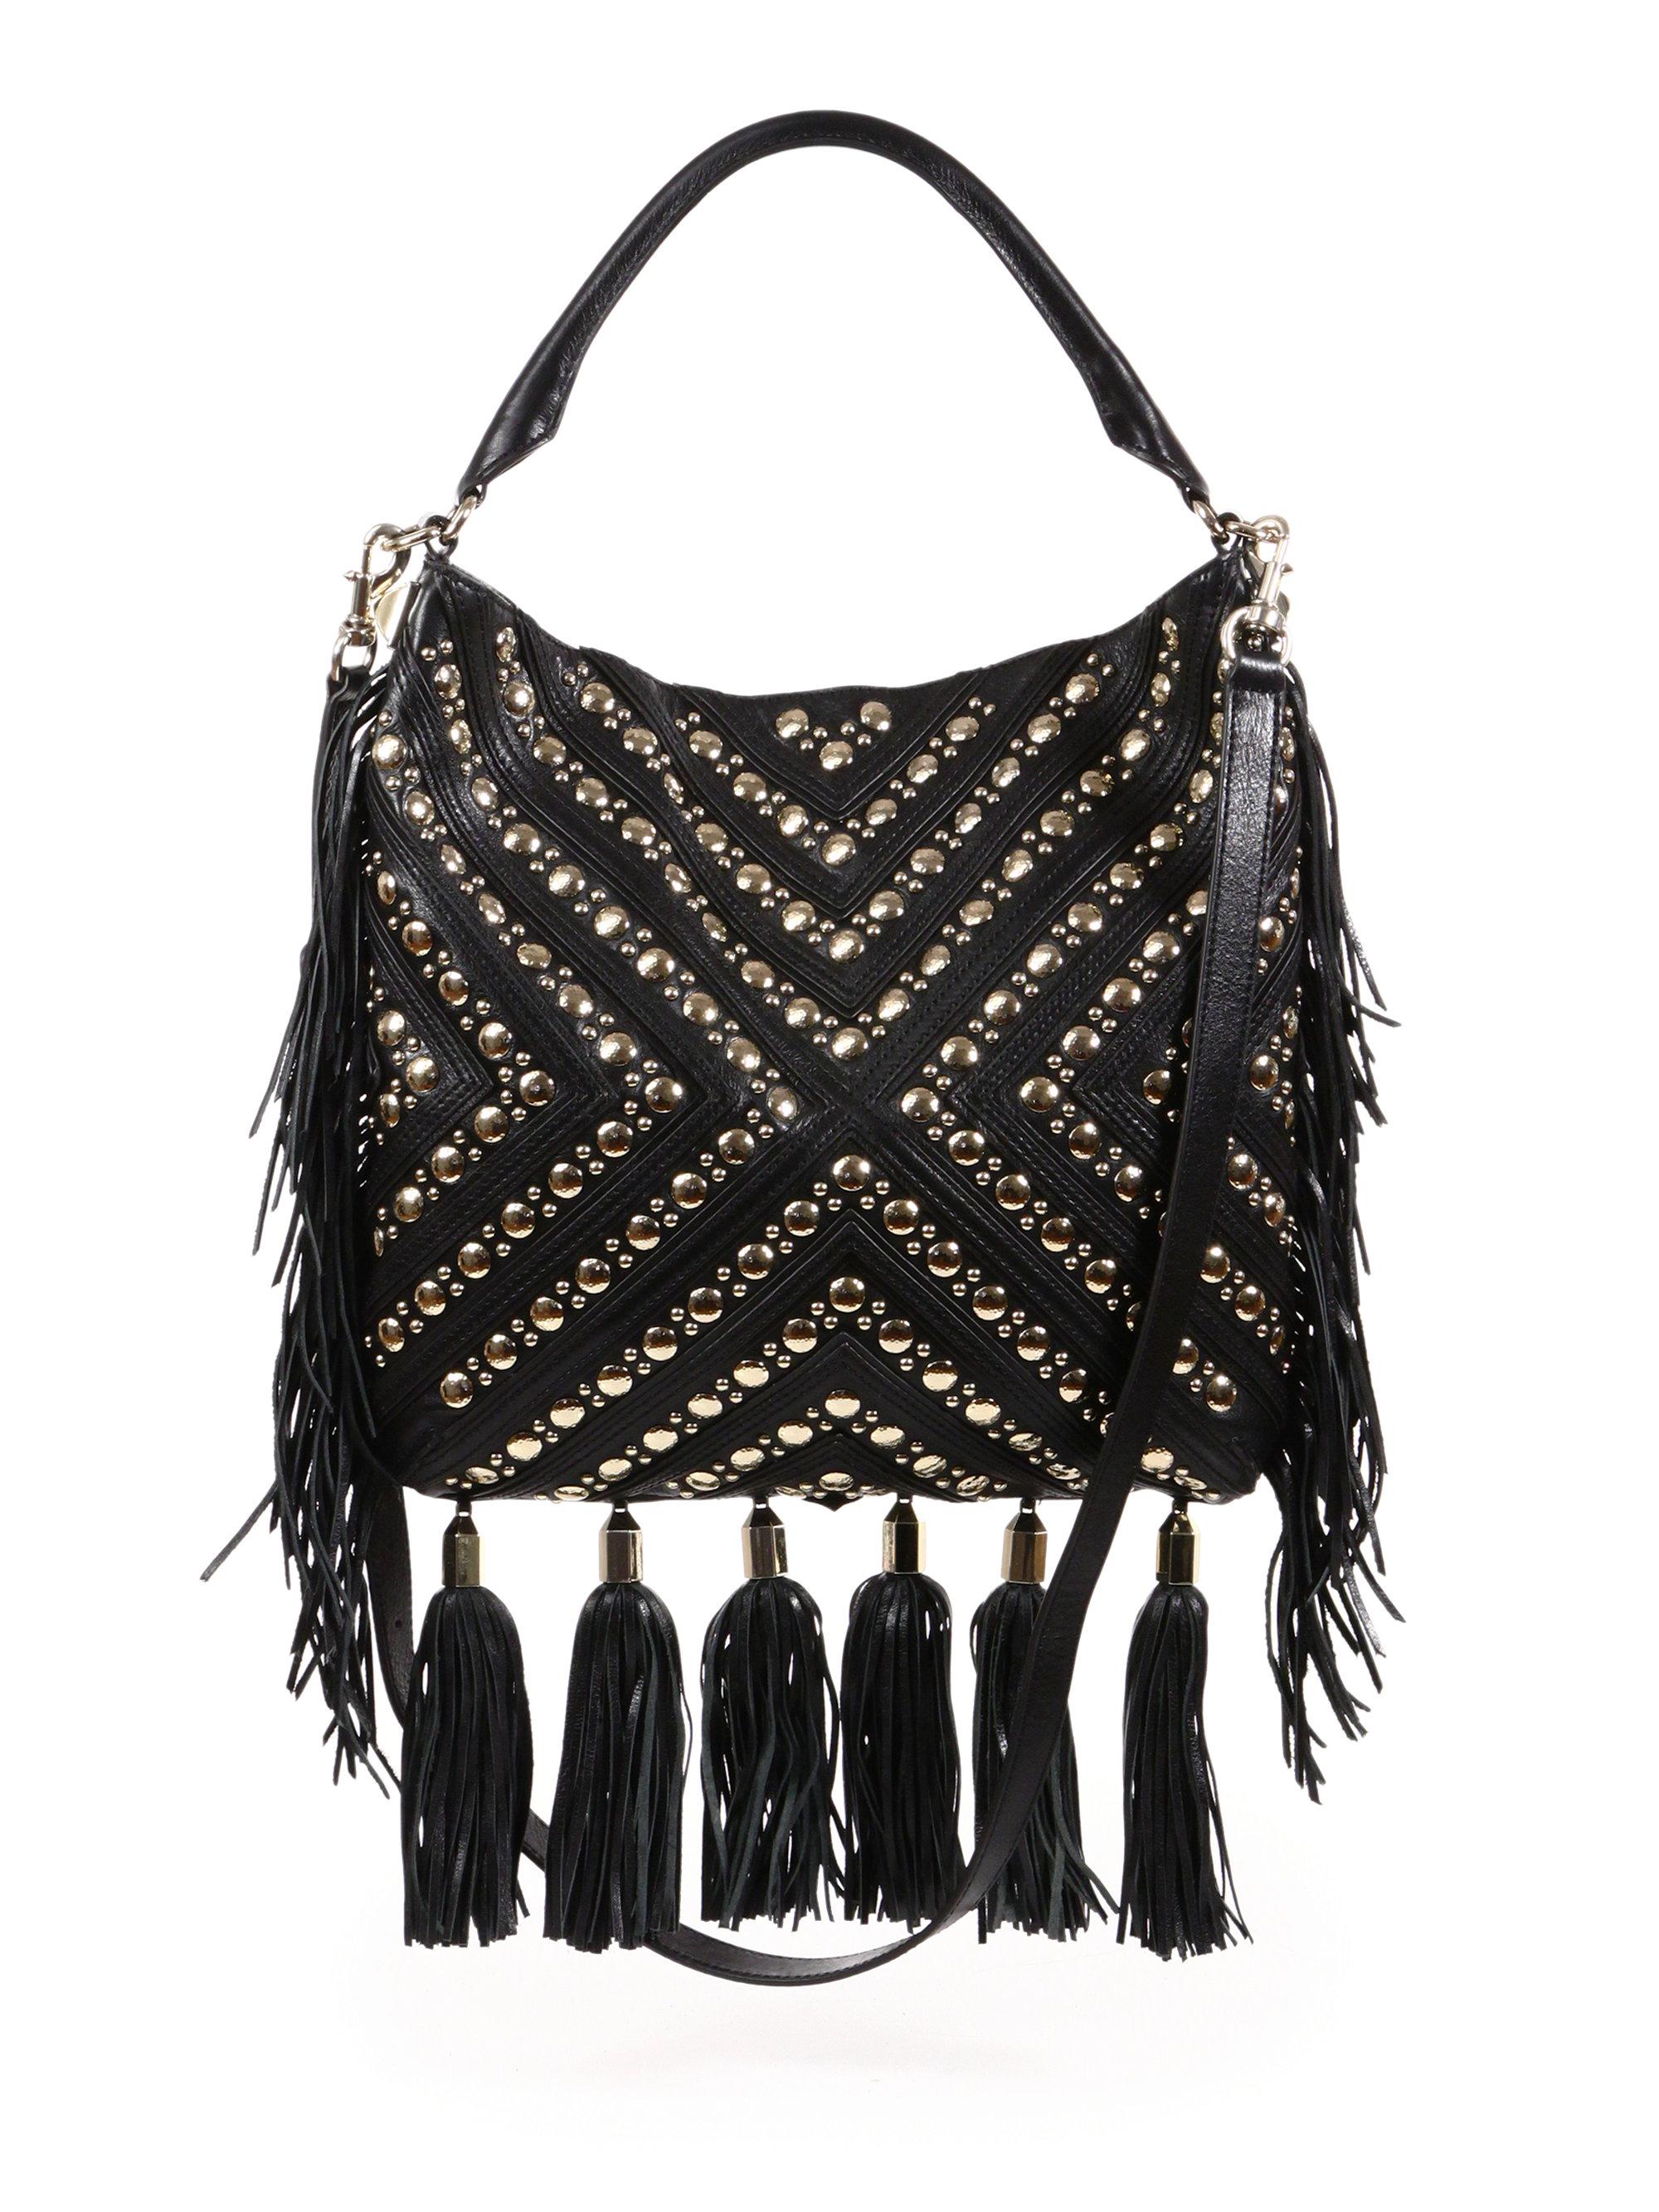 Studded Fringed Crossbody Bag In Black